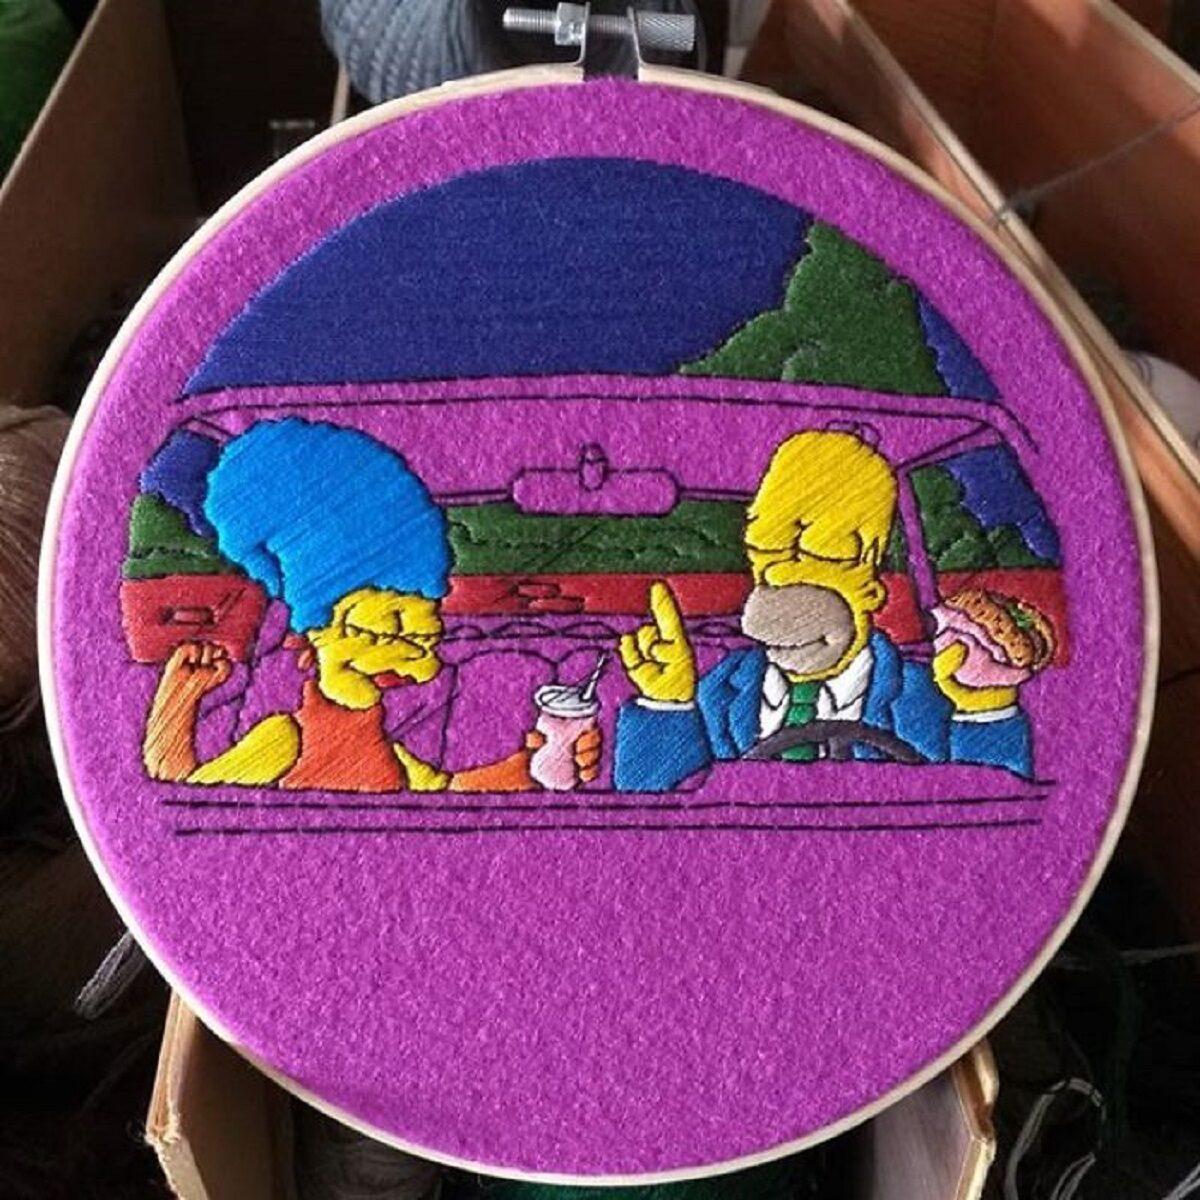 Artista Gabriela Martinez cria bordados de cenas de Os Simpsons 8